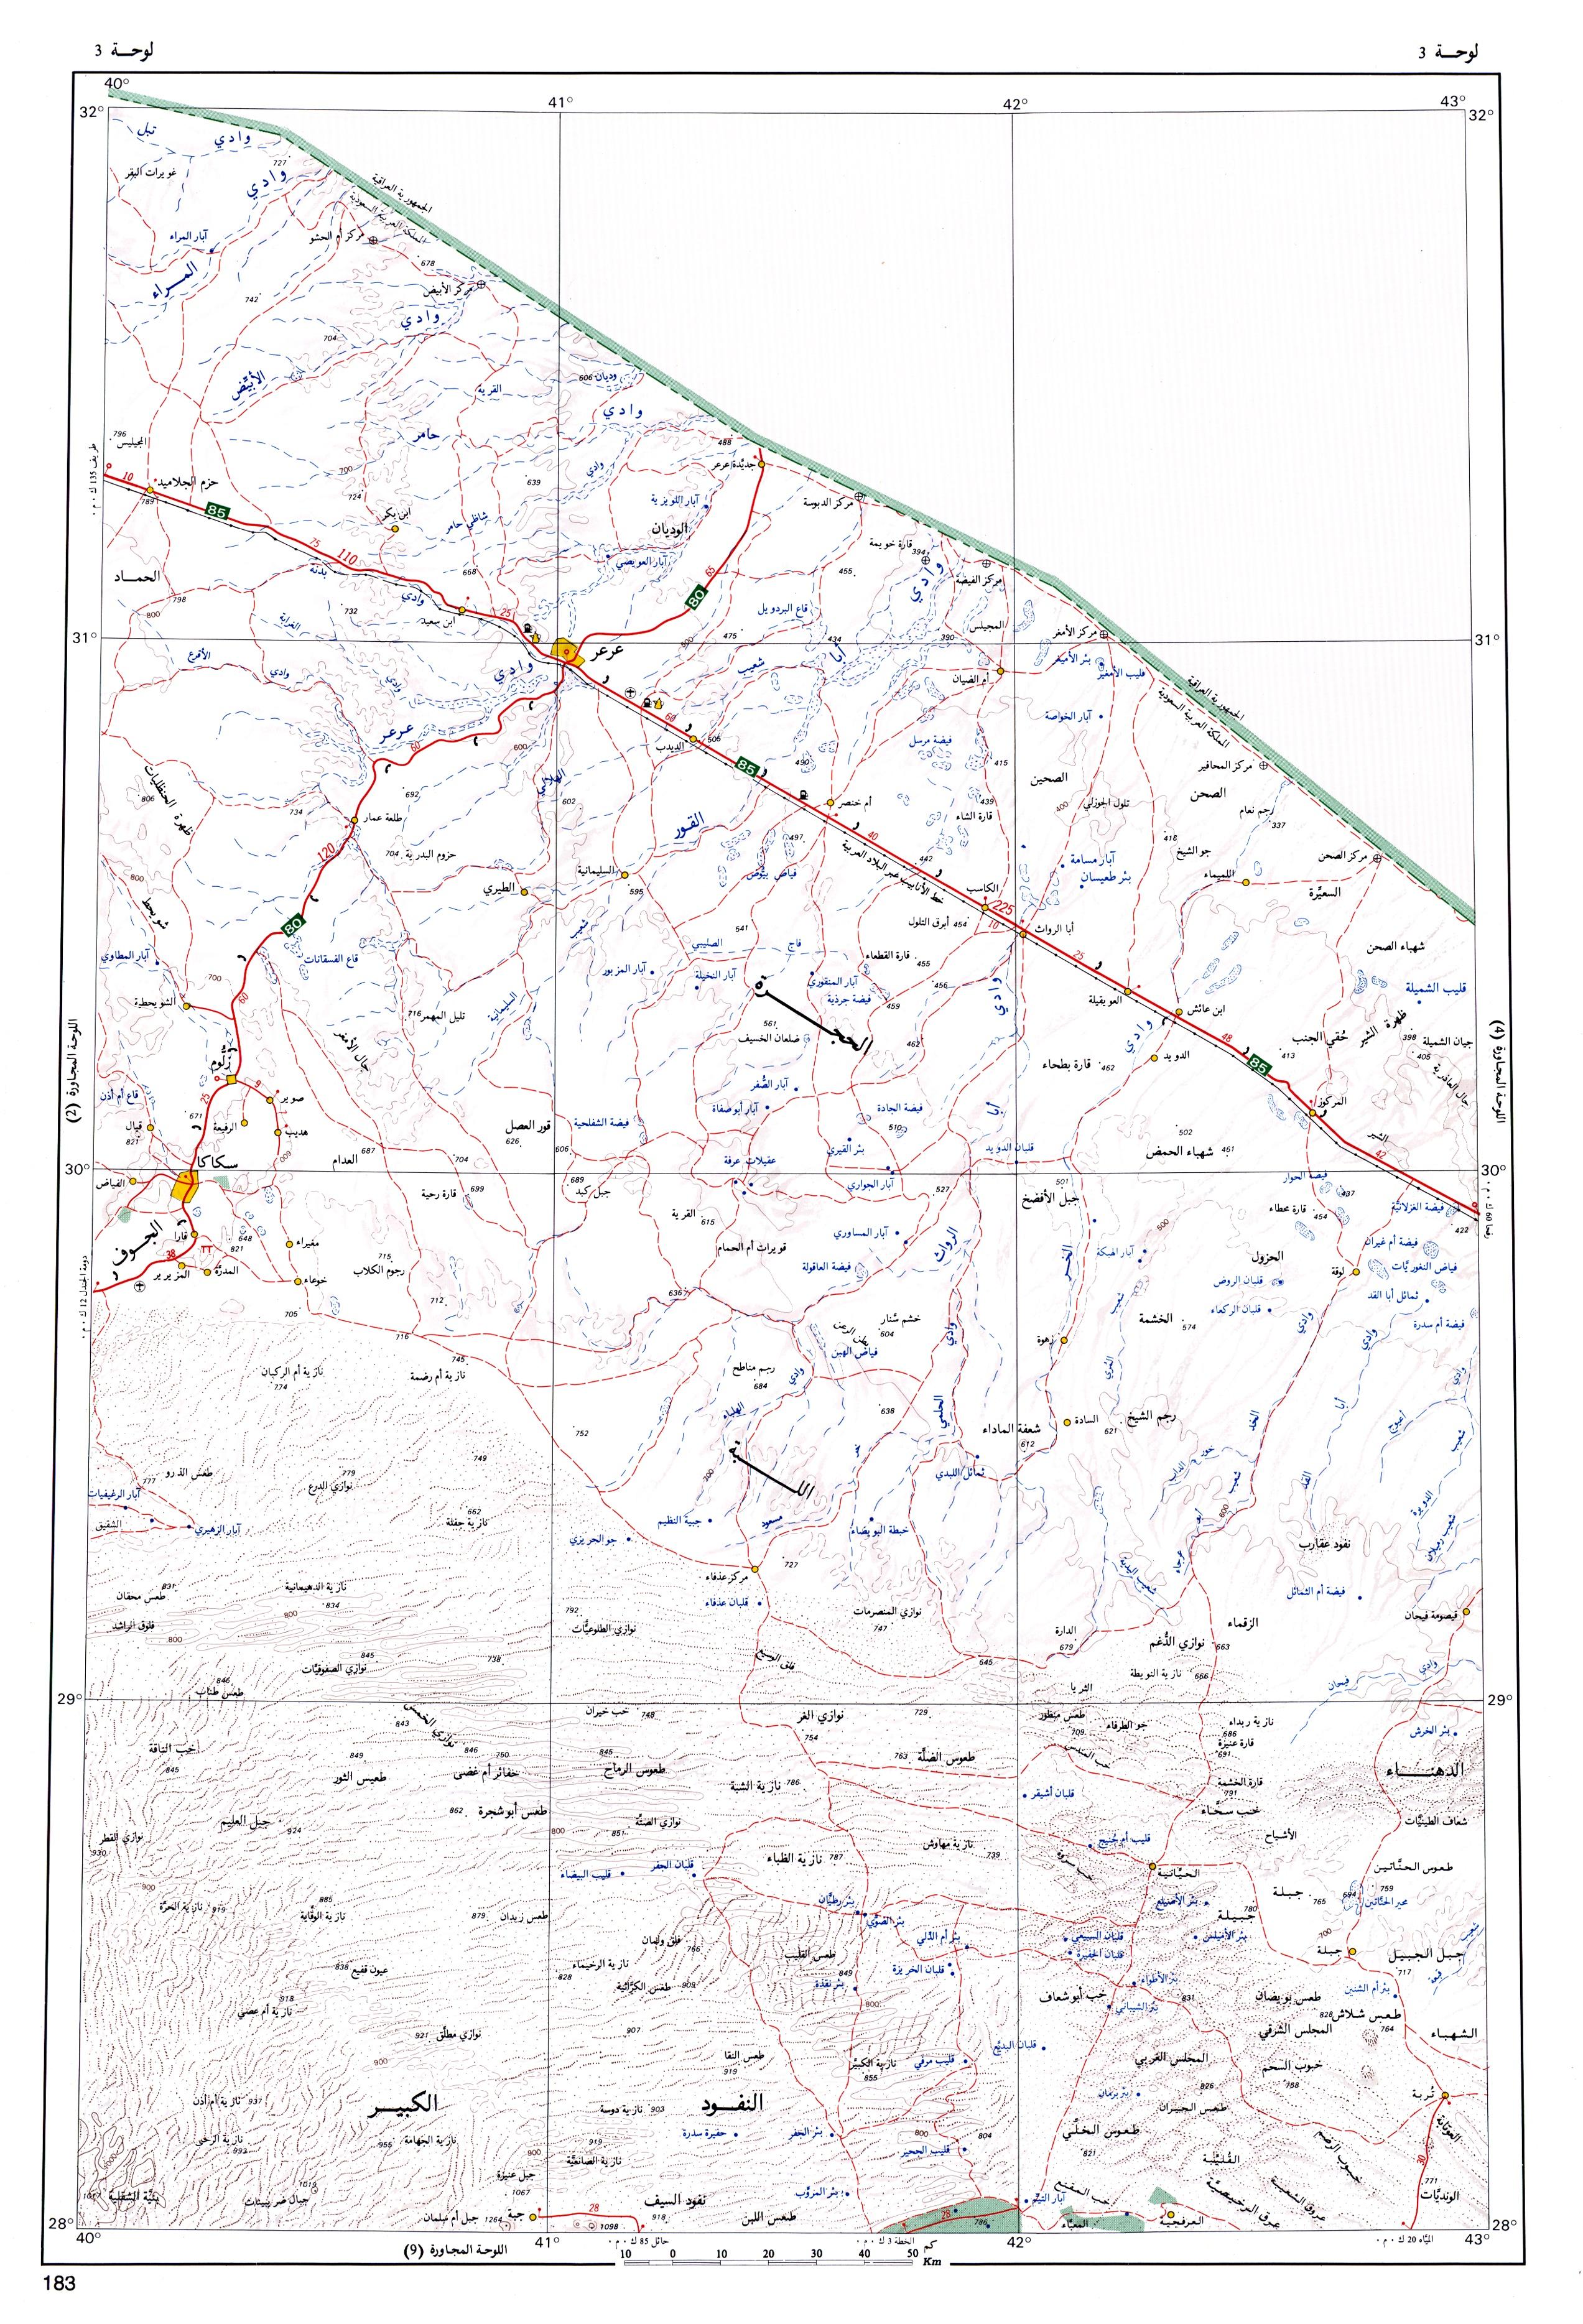 الجزيرة العربية - خرائط لمدن Fig-03